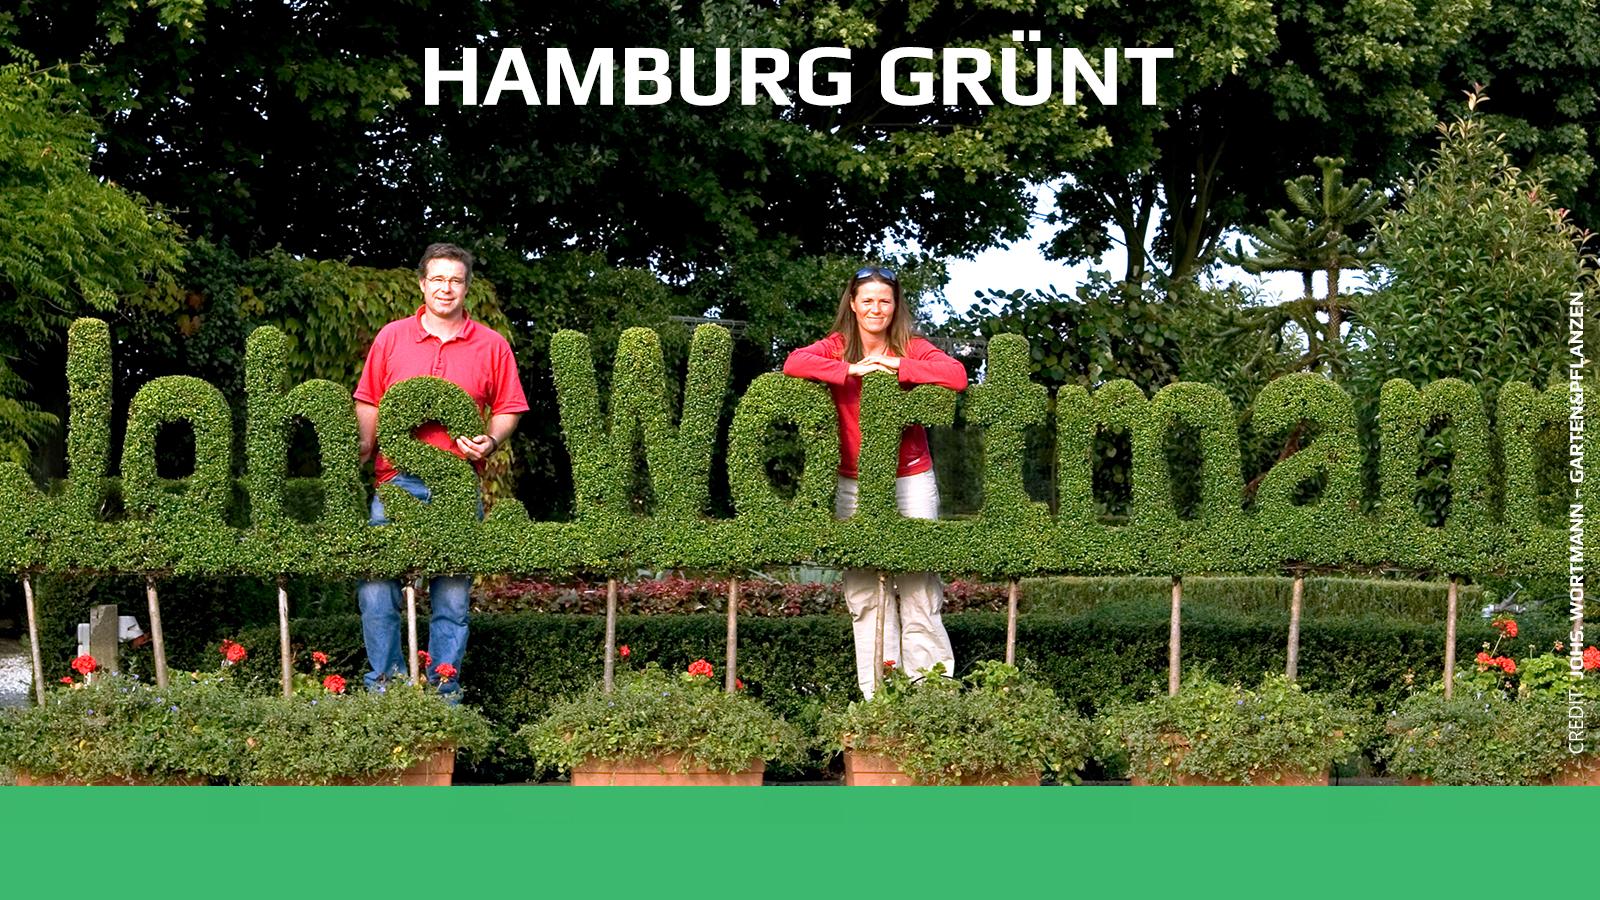 Hamburg grünt